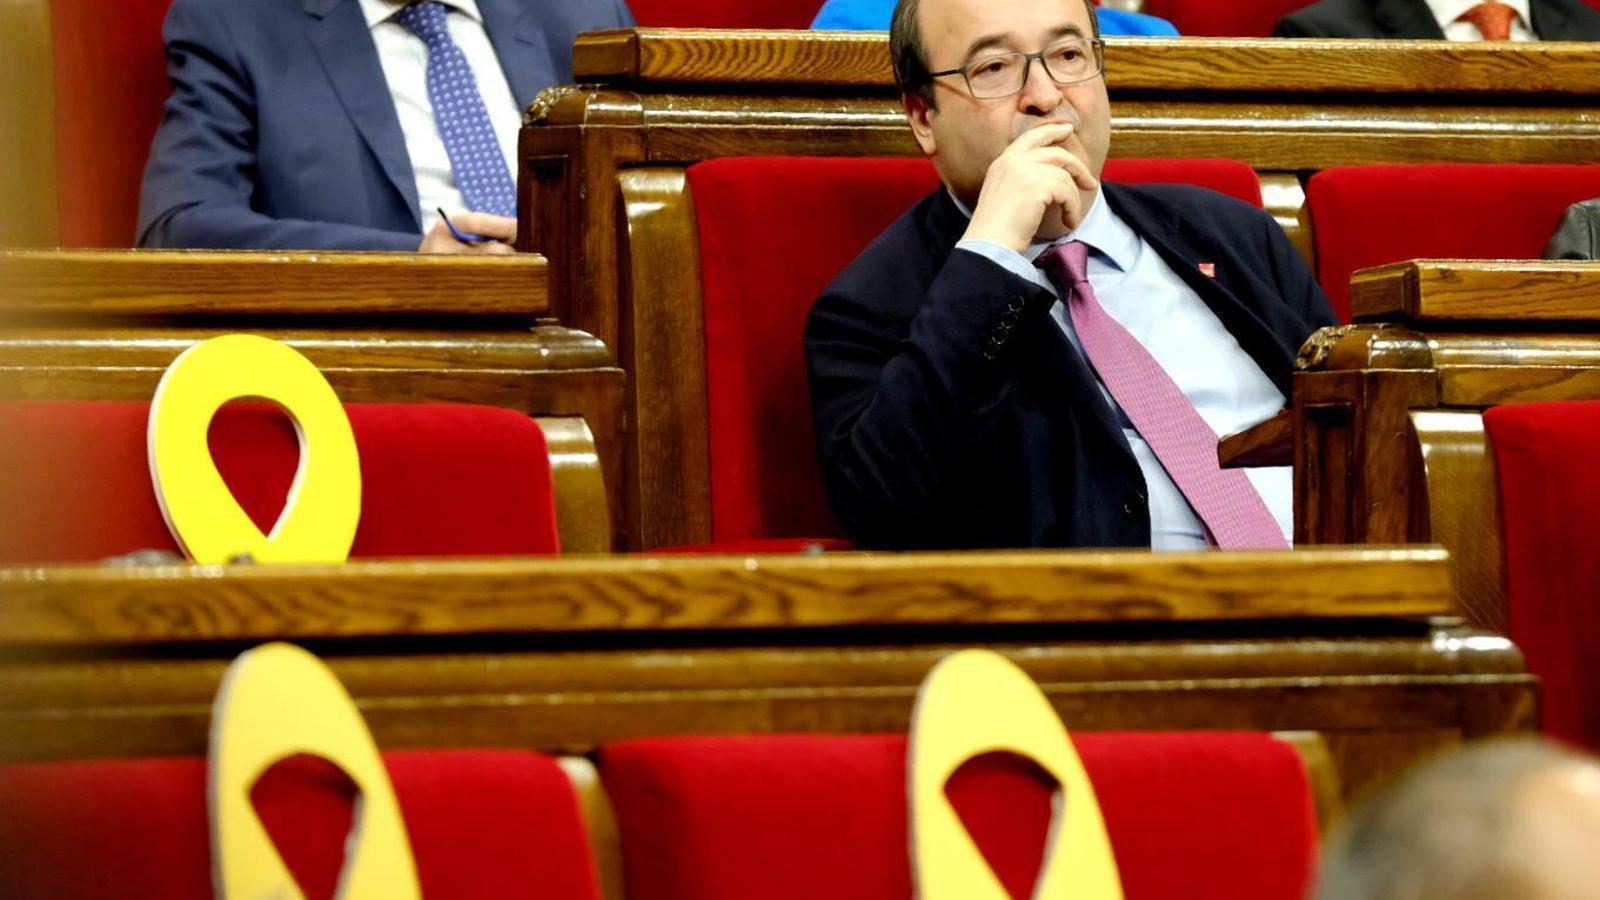 El Parlament rebutja la designació d'Iceta i impedeix que pugui presidir el Senat